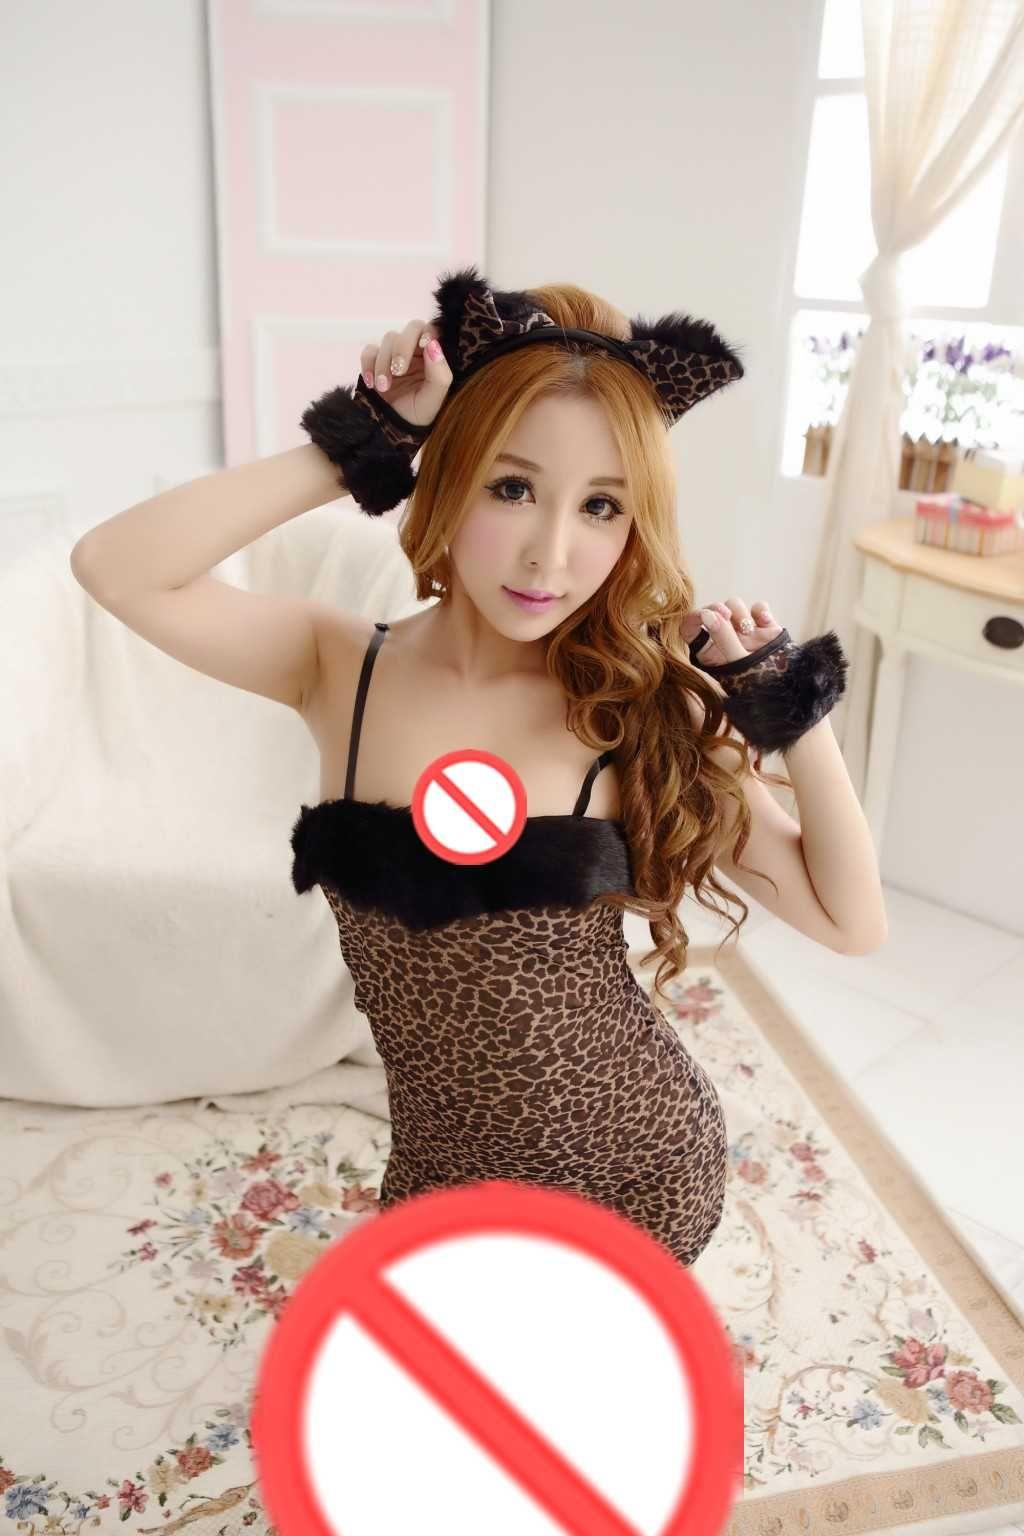 Ruolo libero di trasporto che gioca cosplay RPG Biancheria intima casuale Sexy Cat Girl Kit di coniglietto uniforme Tentazione Pack